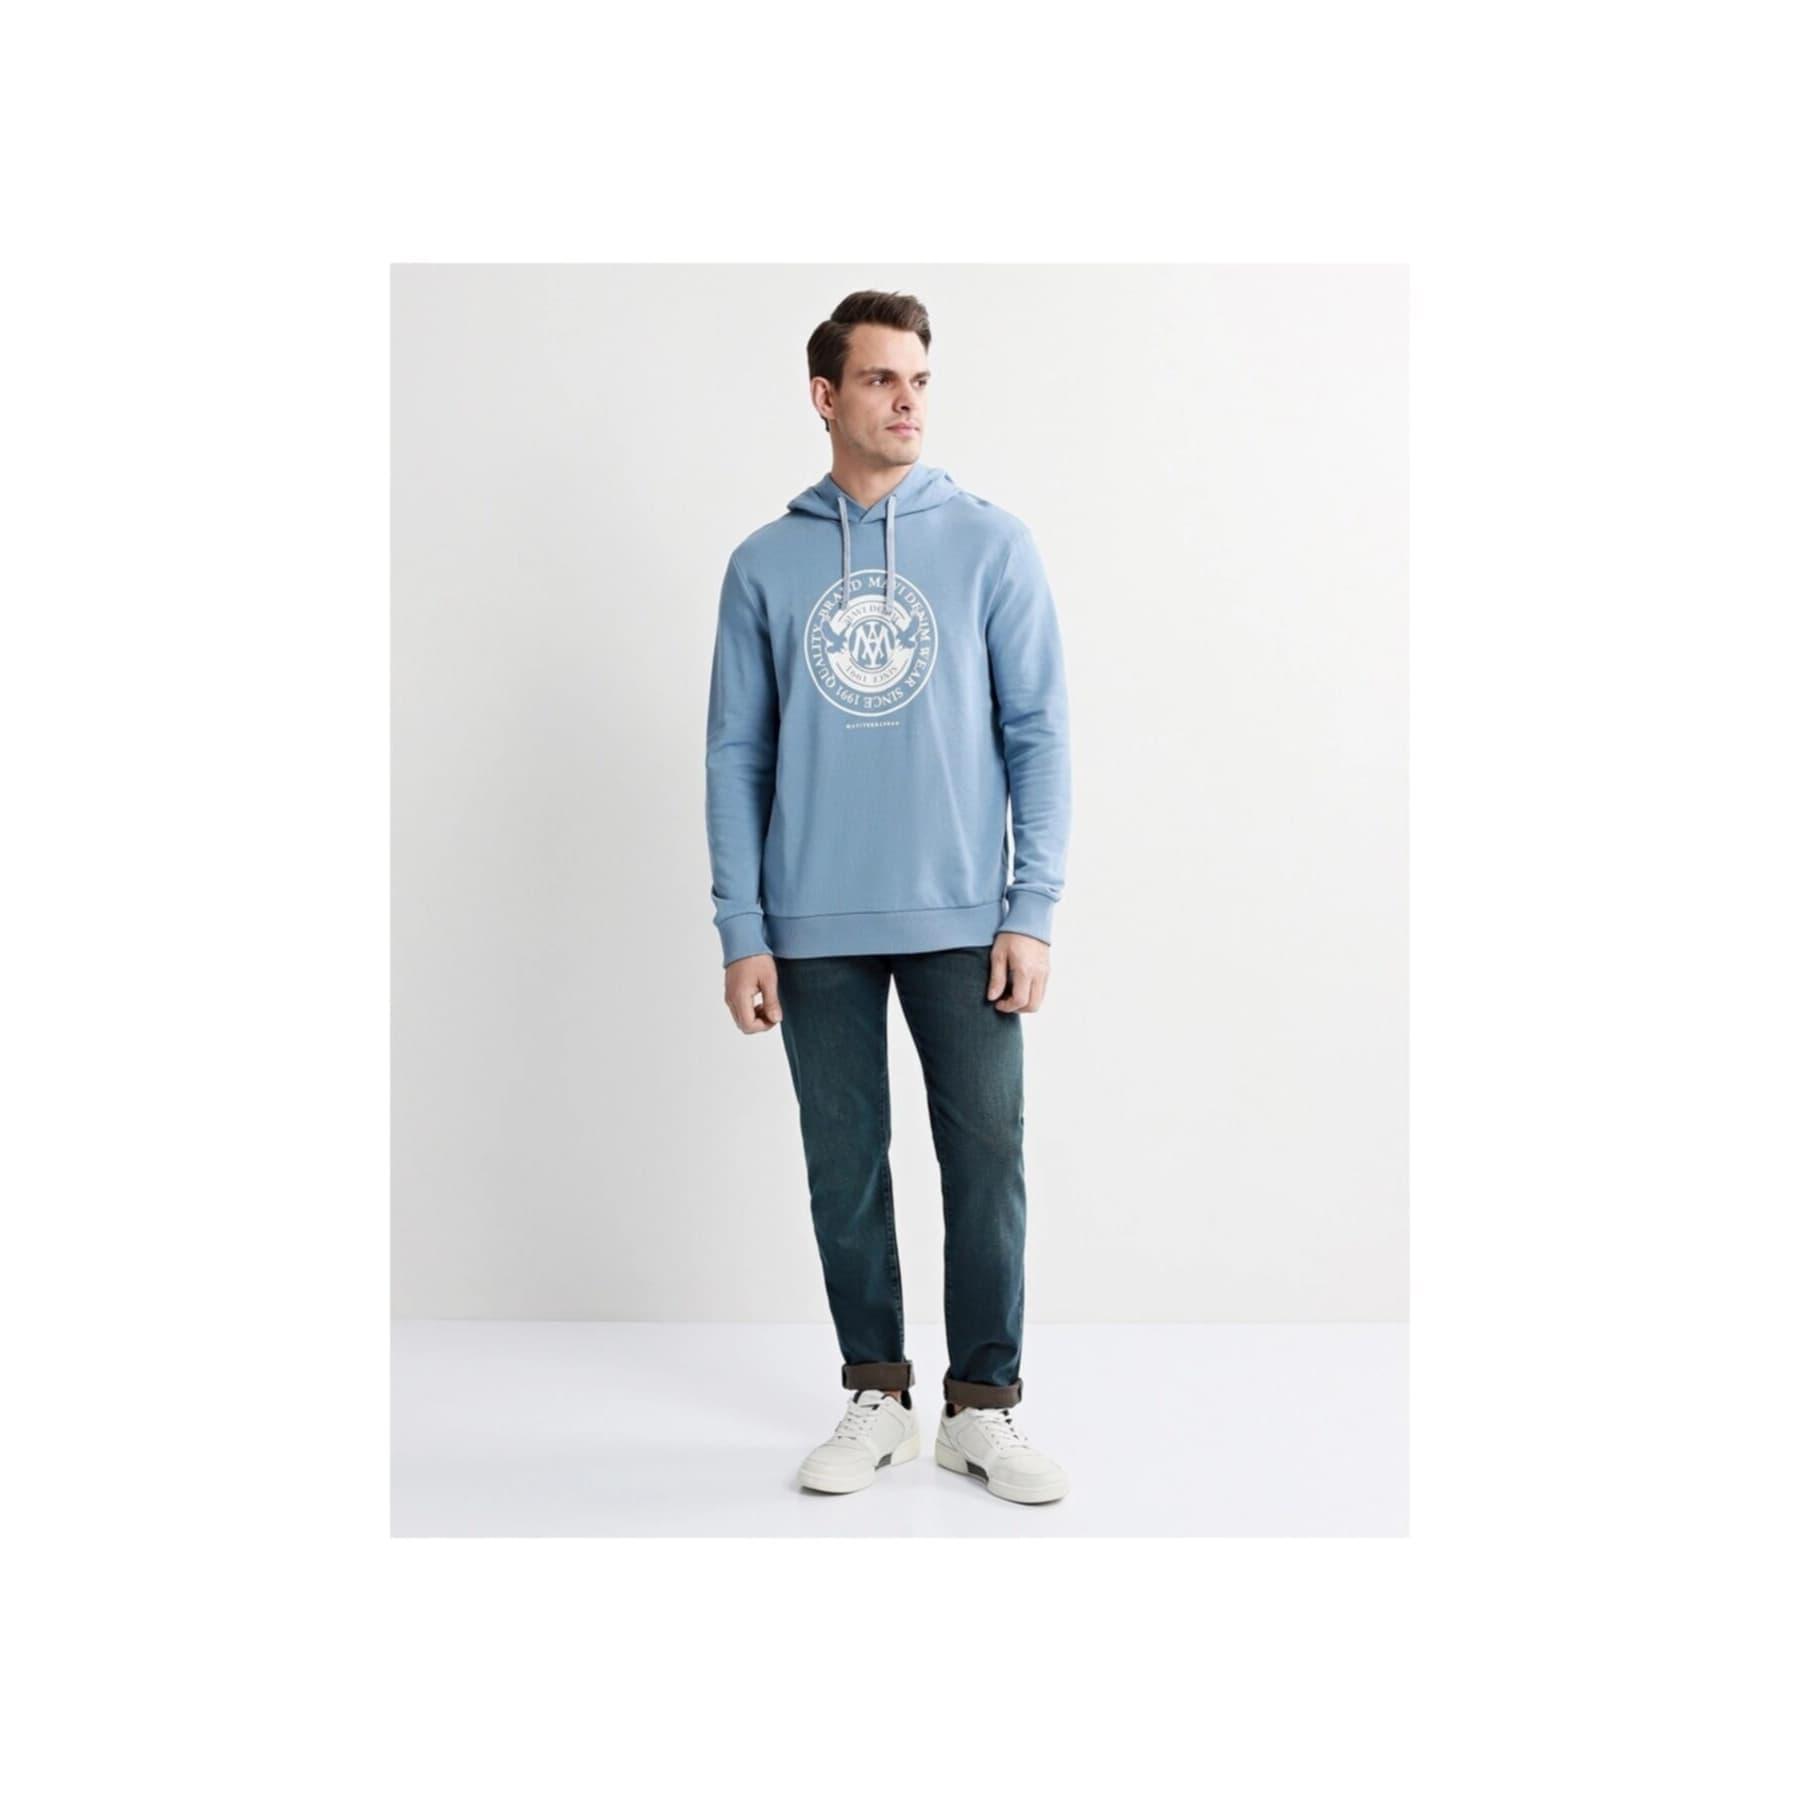 Baskılı Erkek Açık Mavi Sweatshirt (065169-30709)